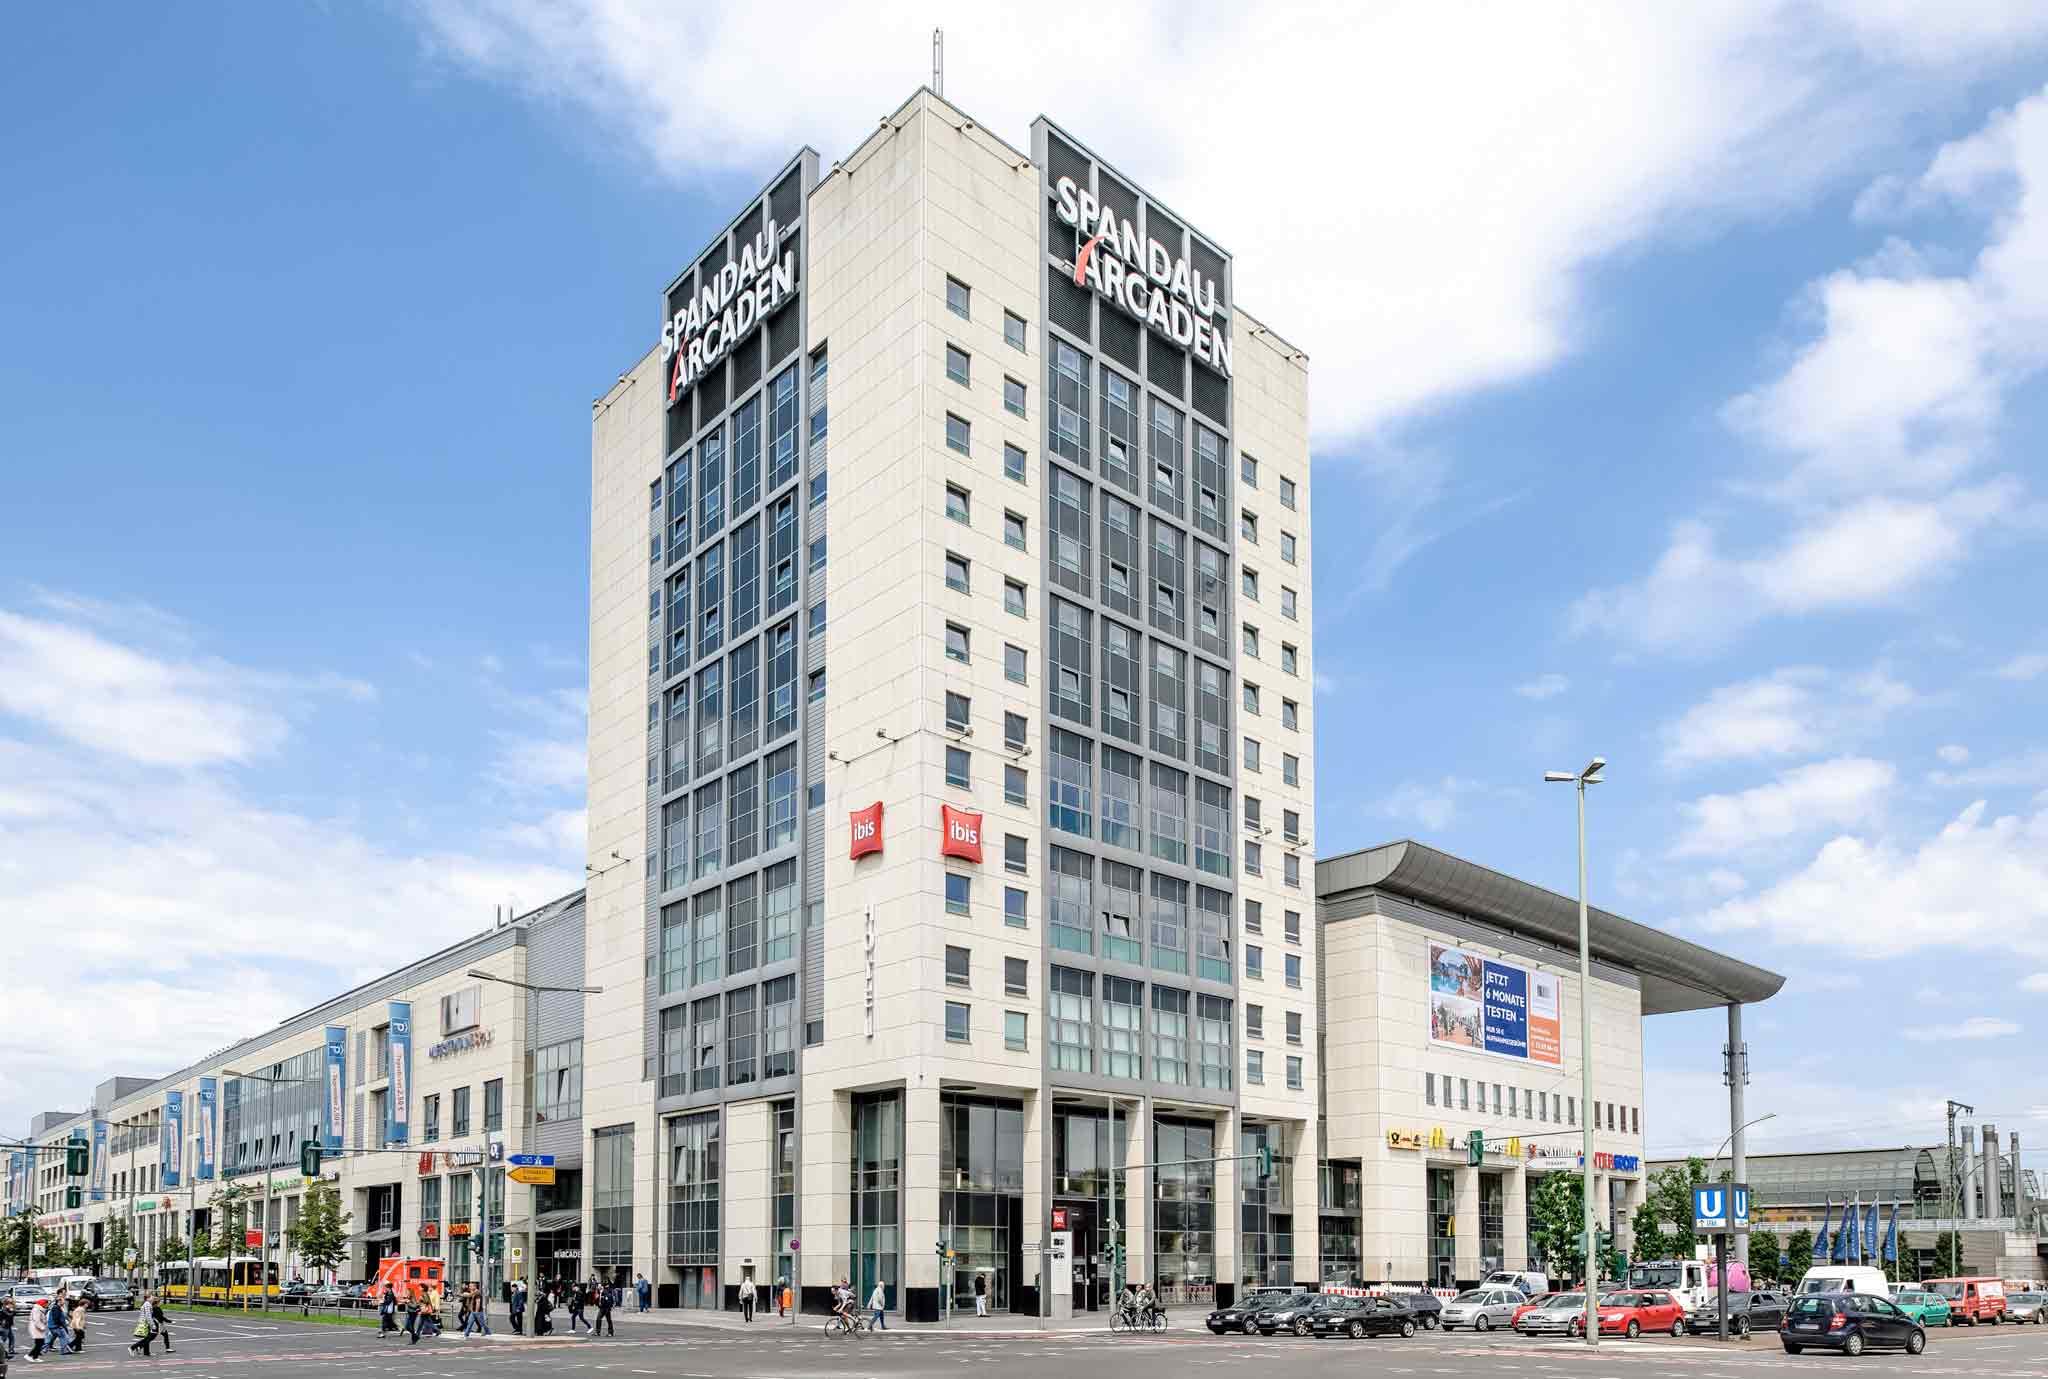 ibis Berlin Spandau. L'h?tel ibis Berlin Spandau fait partie du centre commercial Spandau Arkaden, l'id?al pour faire du shopping jusqu'? 21 h. La vie